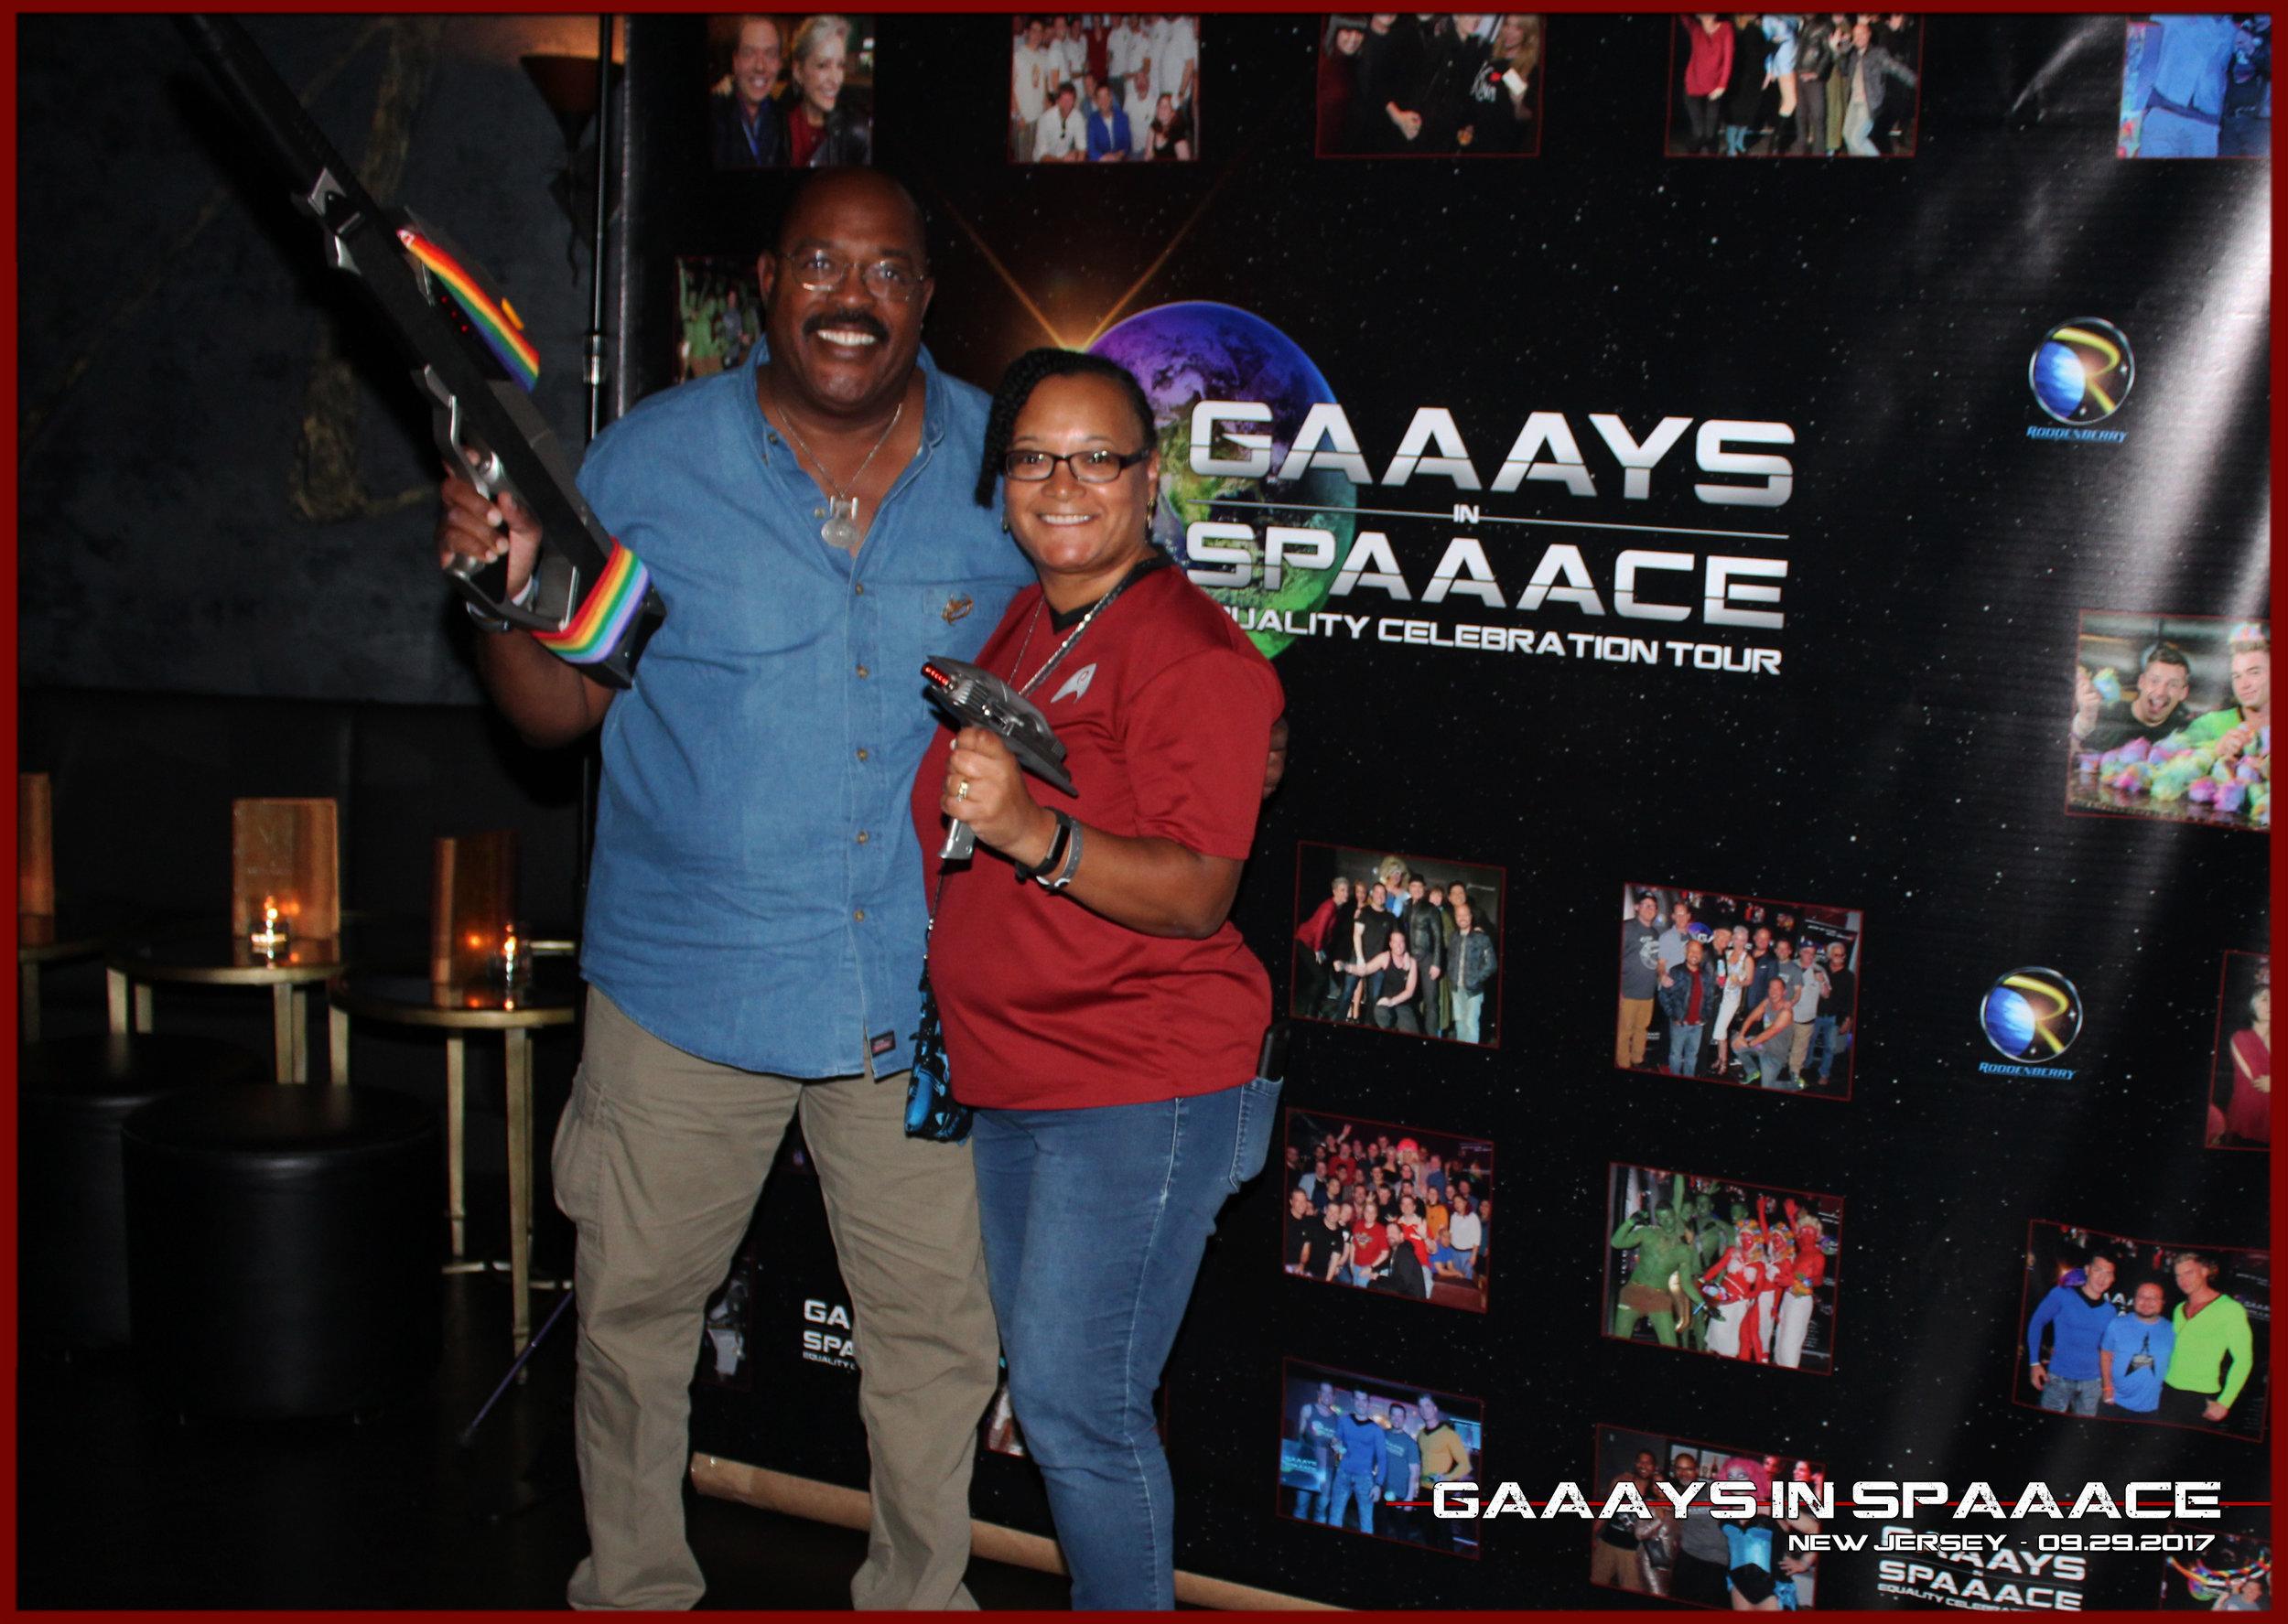 43-GIS-NJ-9-29-2017-JulieHarris-RichardHarris-3.jpg